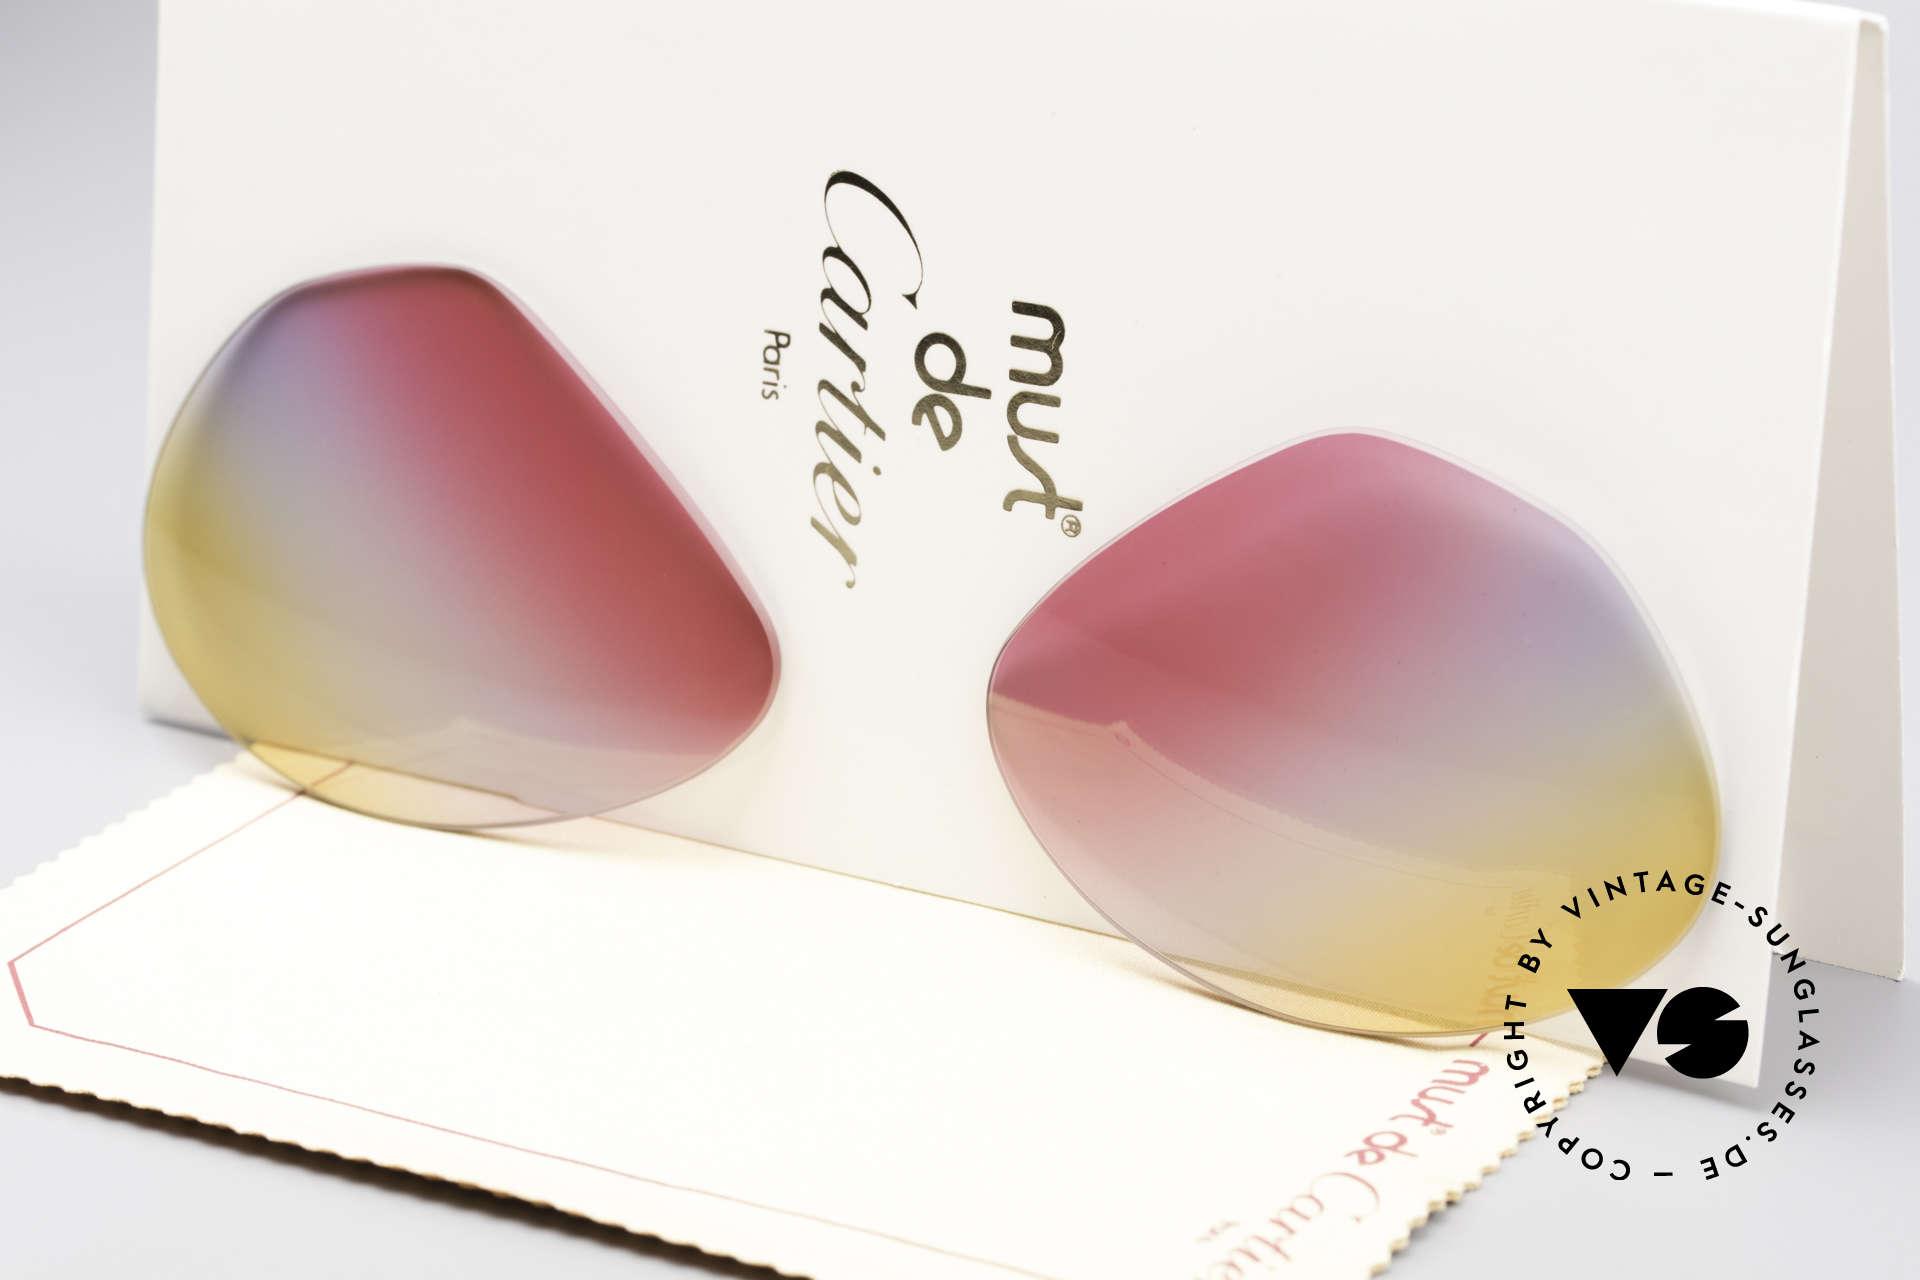 Cartier Vendome Lenses - L Tricolored Sunrise Gläser, neue CR39 UV400 Kunststoff-Gläser (100% UV Schutz), Passend für Herren und Damen